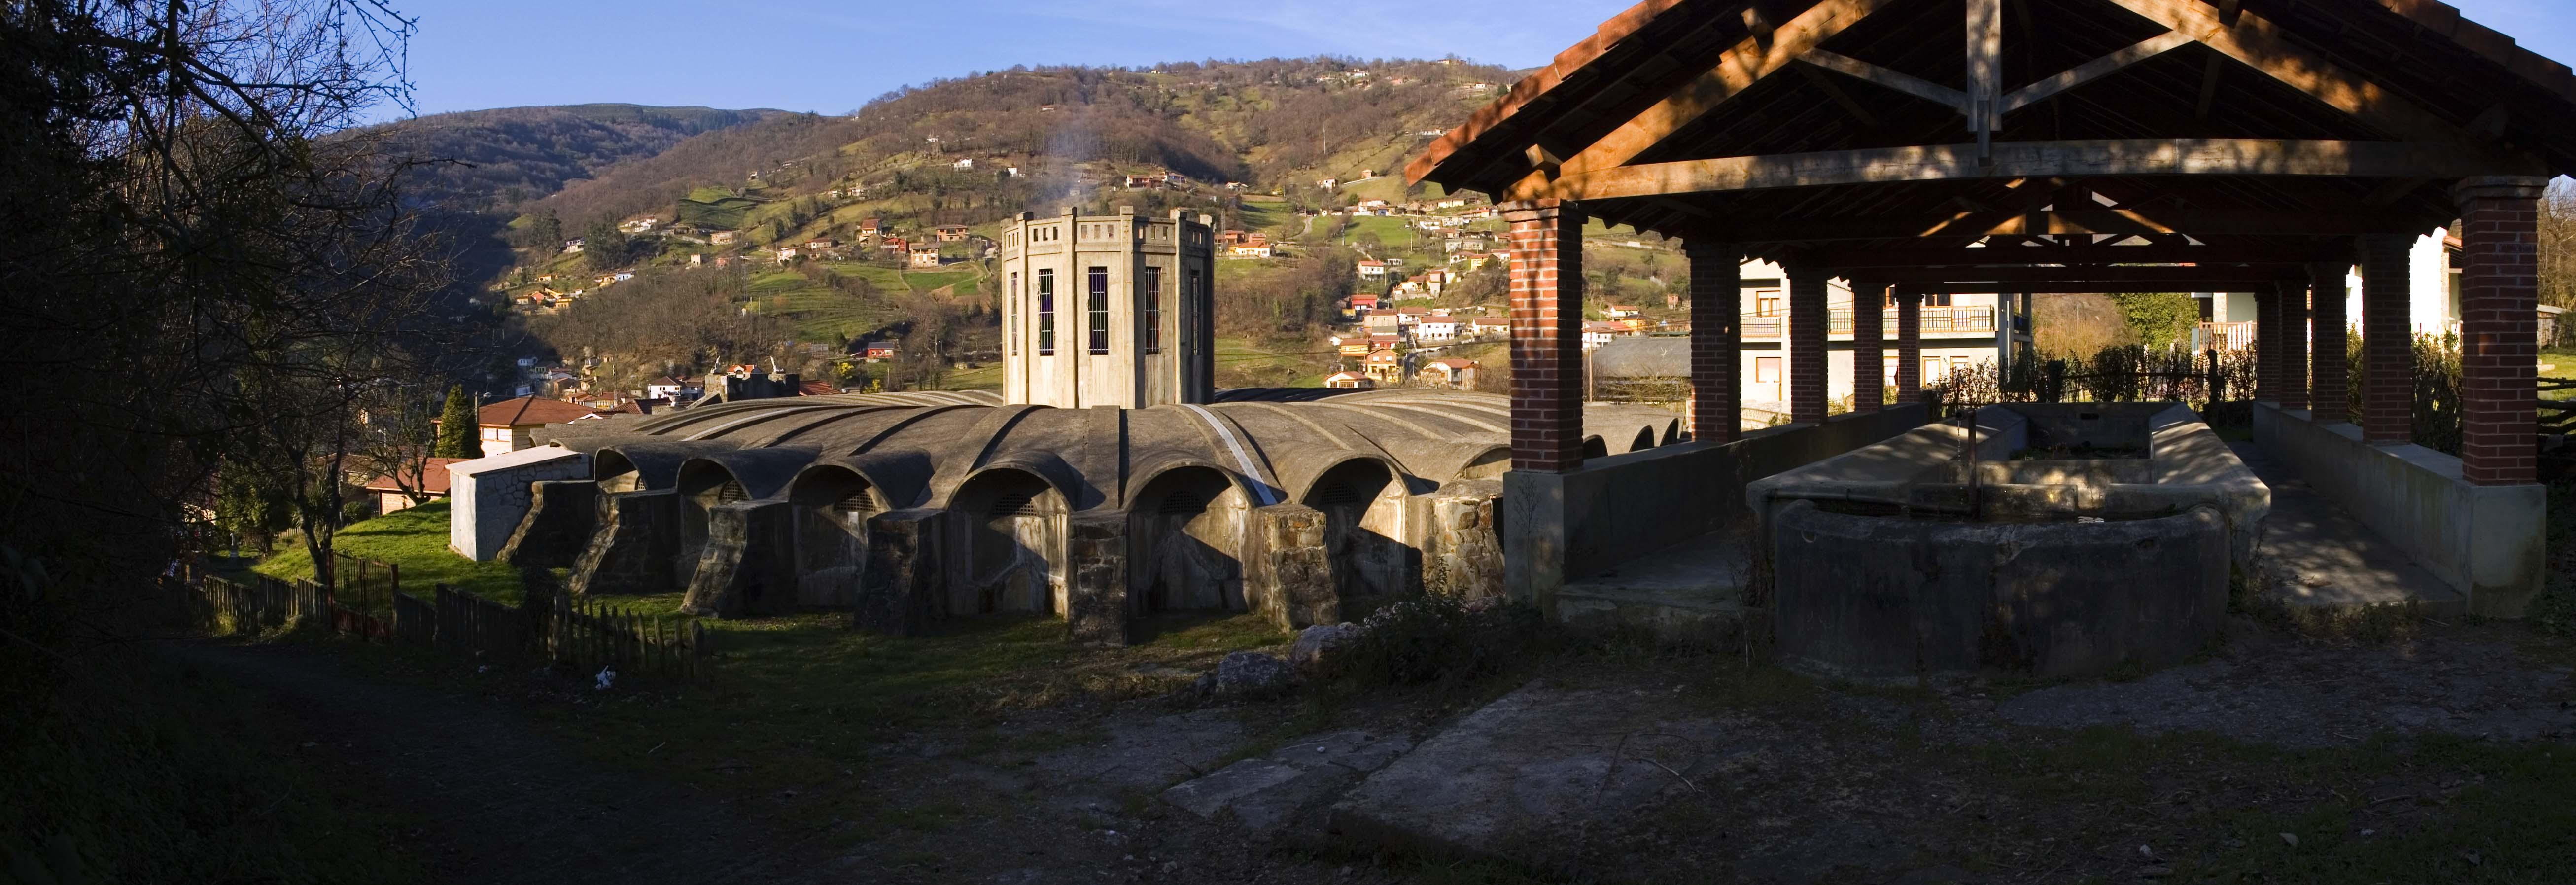 Depósitu d'agua y llavaeru en Villapendi | José Luis Soto